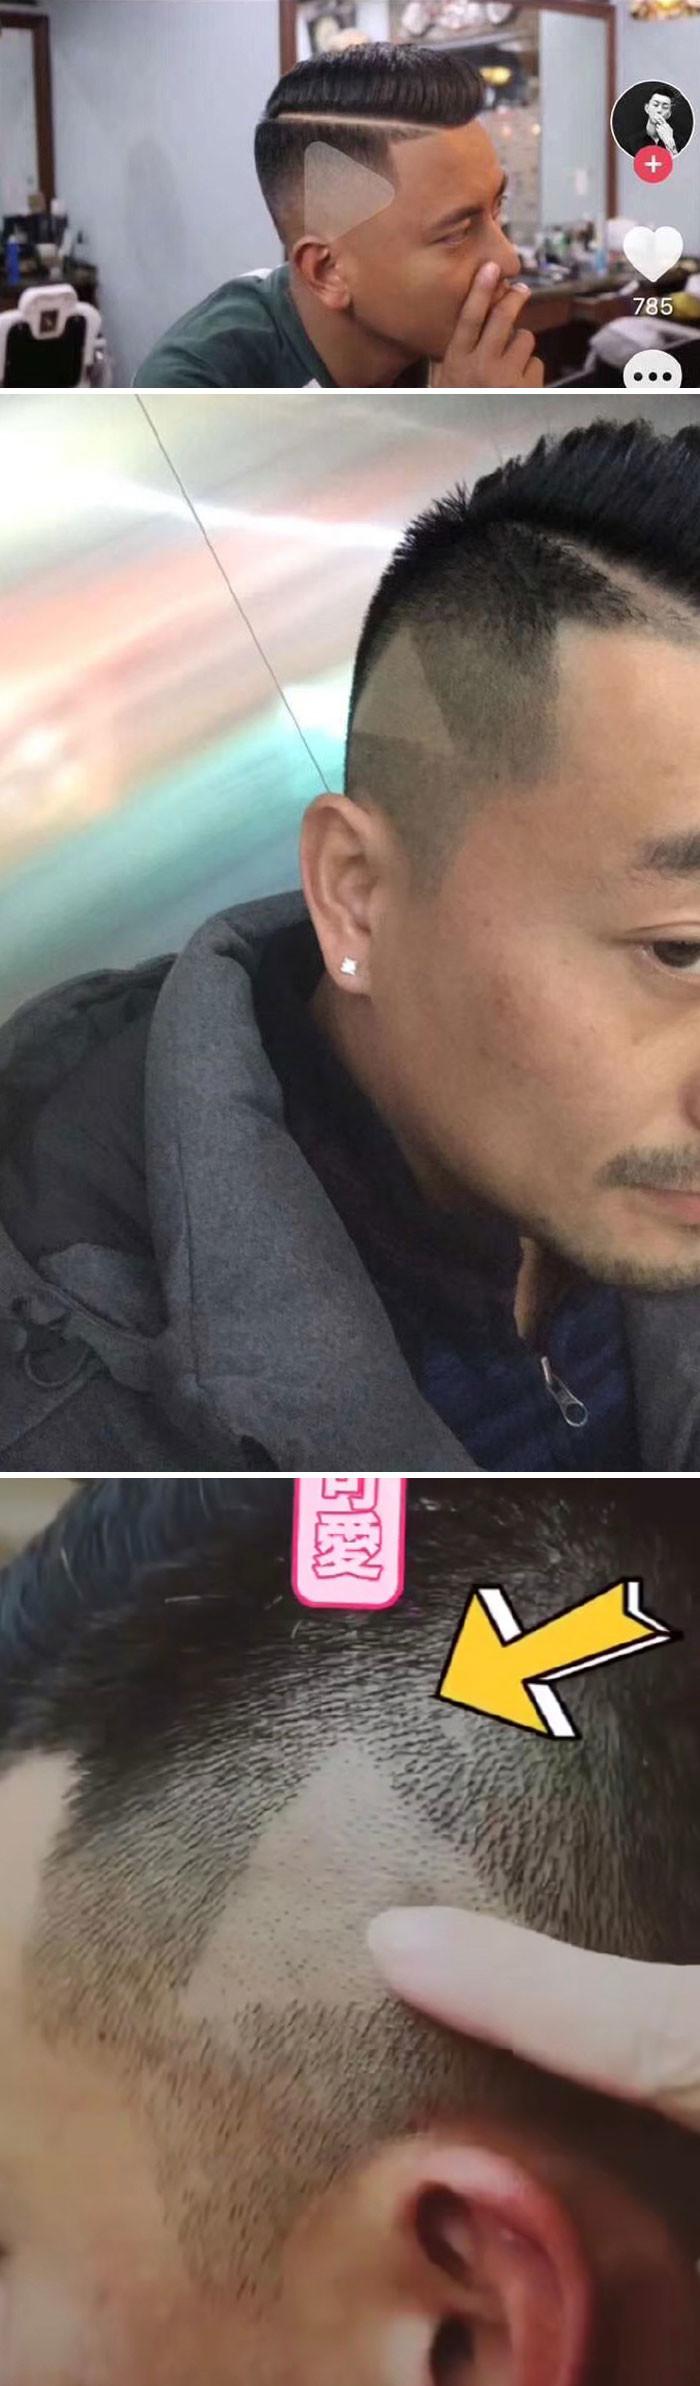 Фото © Weibo/Tian Xiu Bot